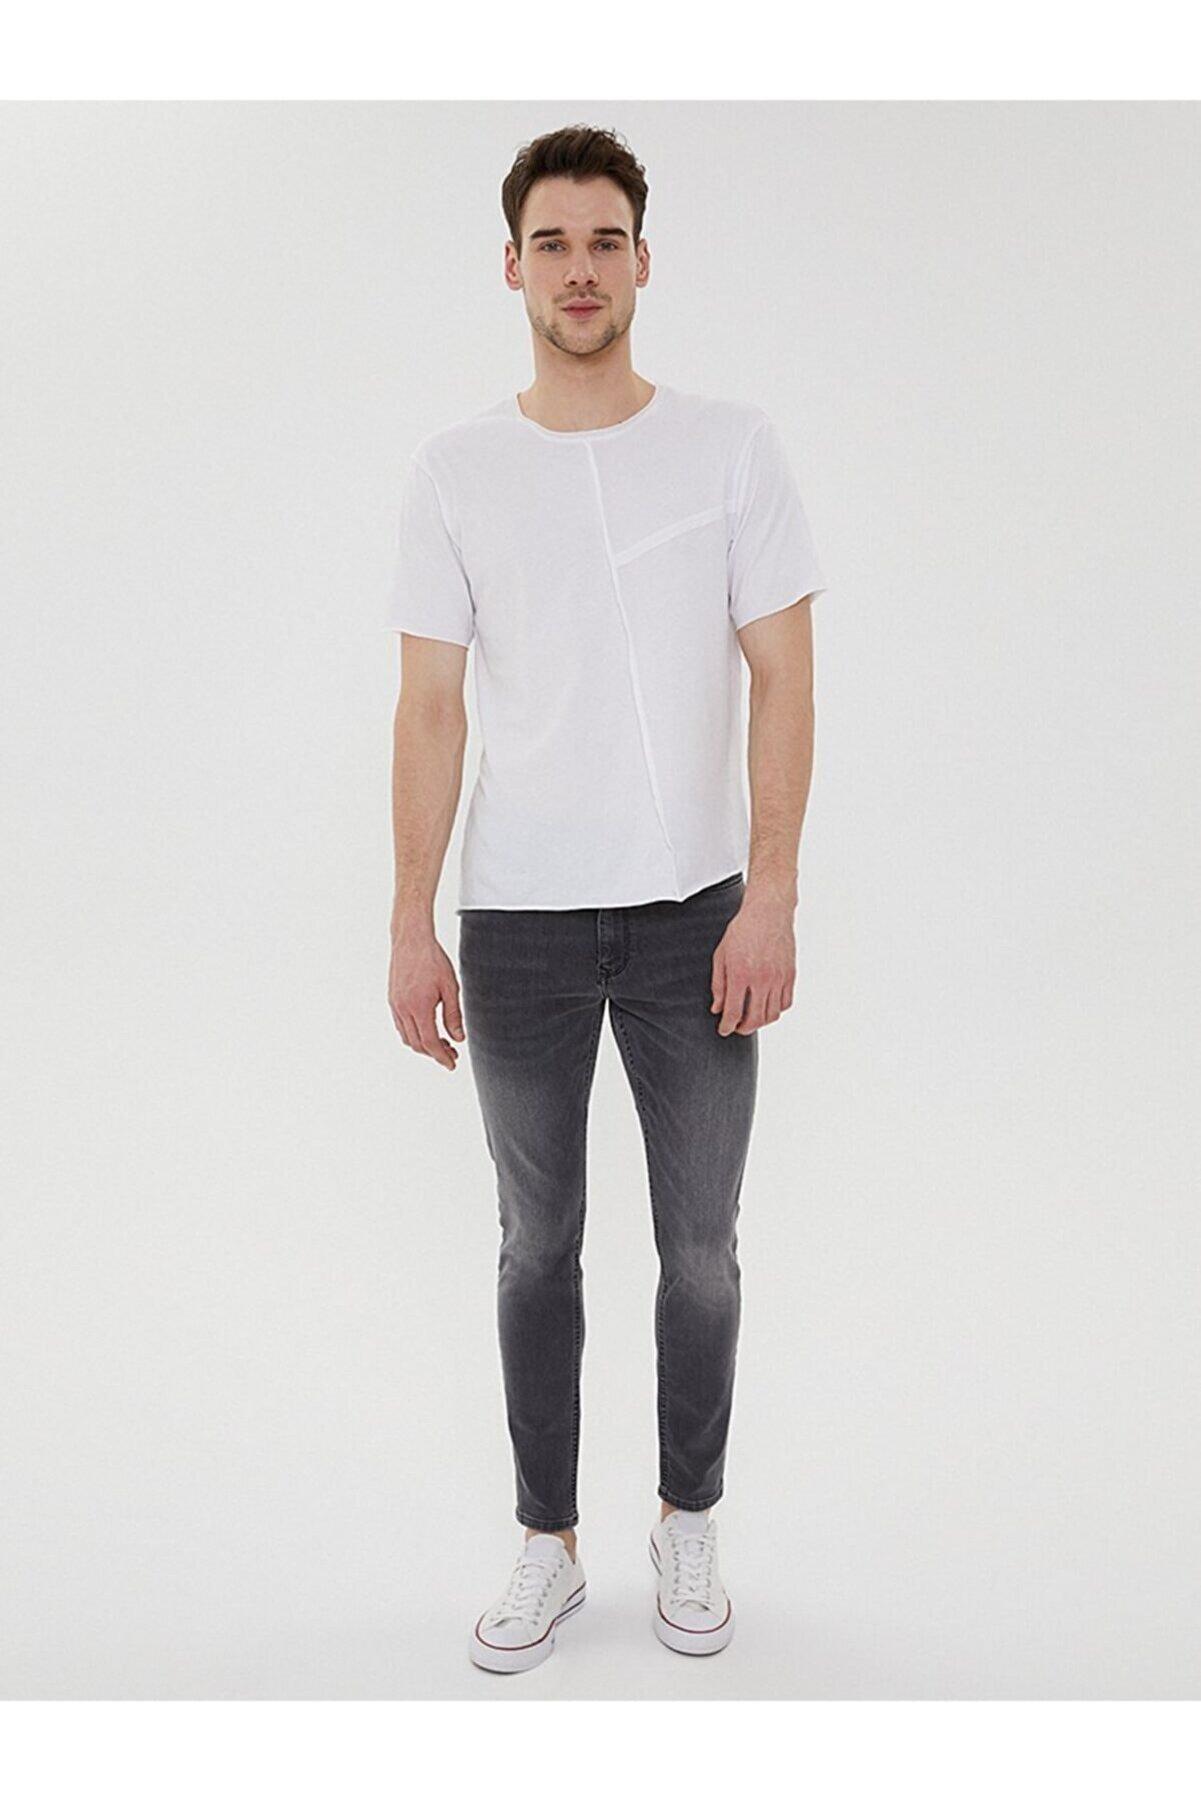 Loft Erkek Gri Pantalon 2026028